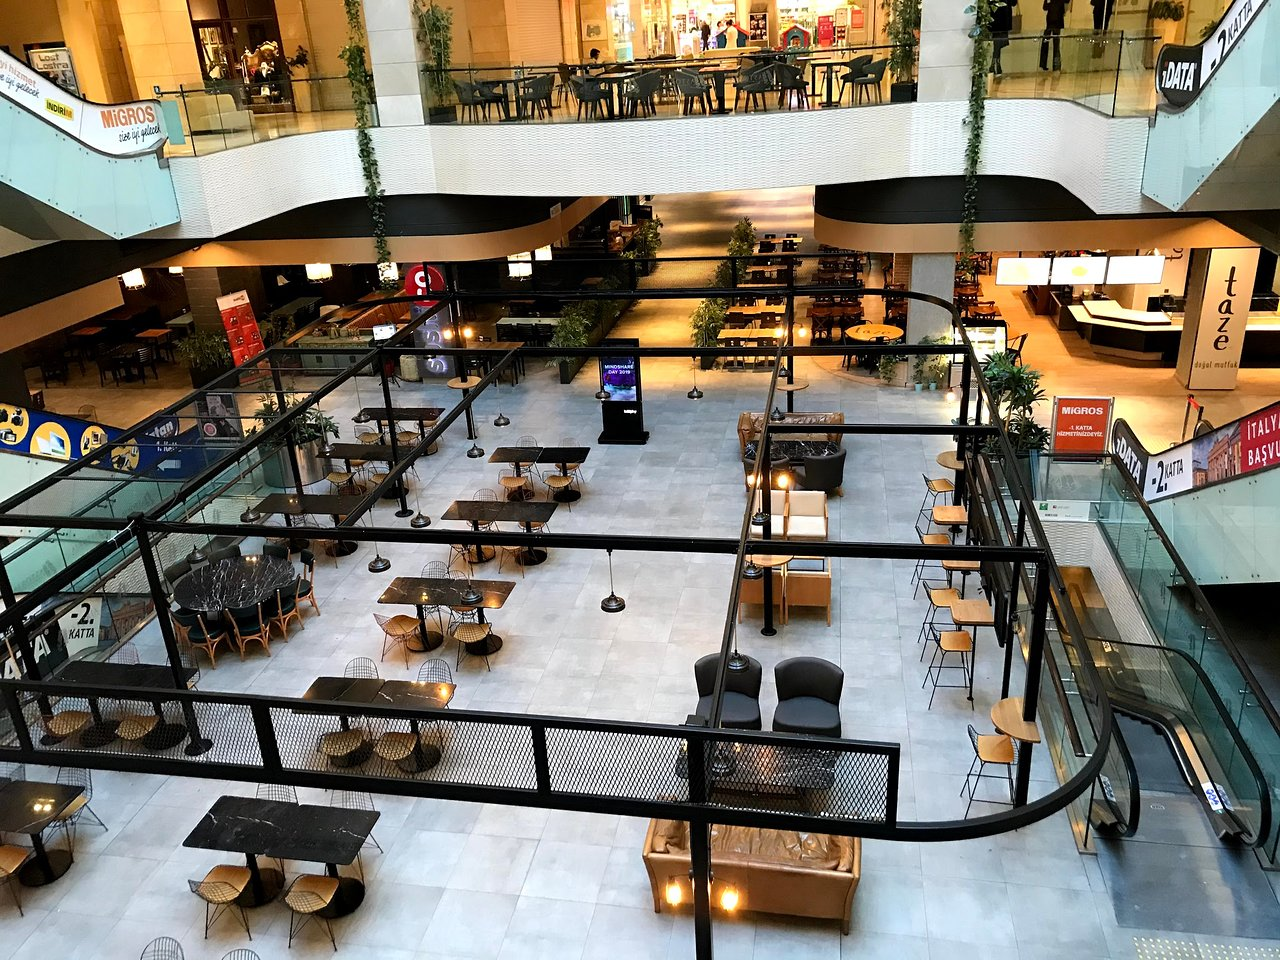 مرکز خرید آستوریا از محبوبترین مراکز خرید شیشلی استانبول